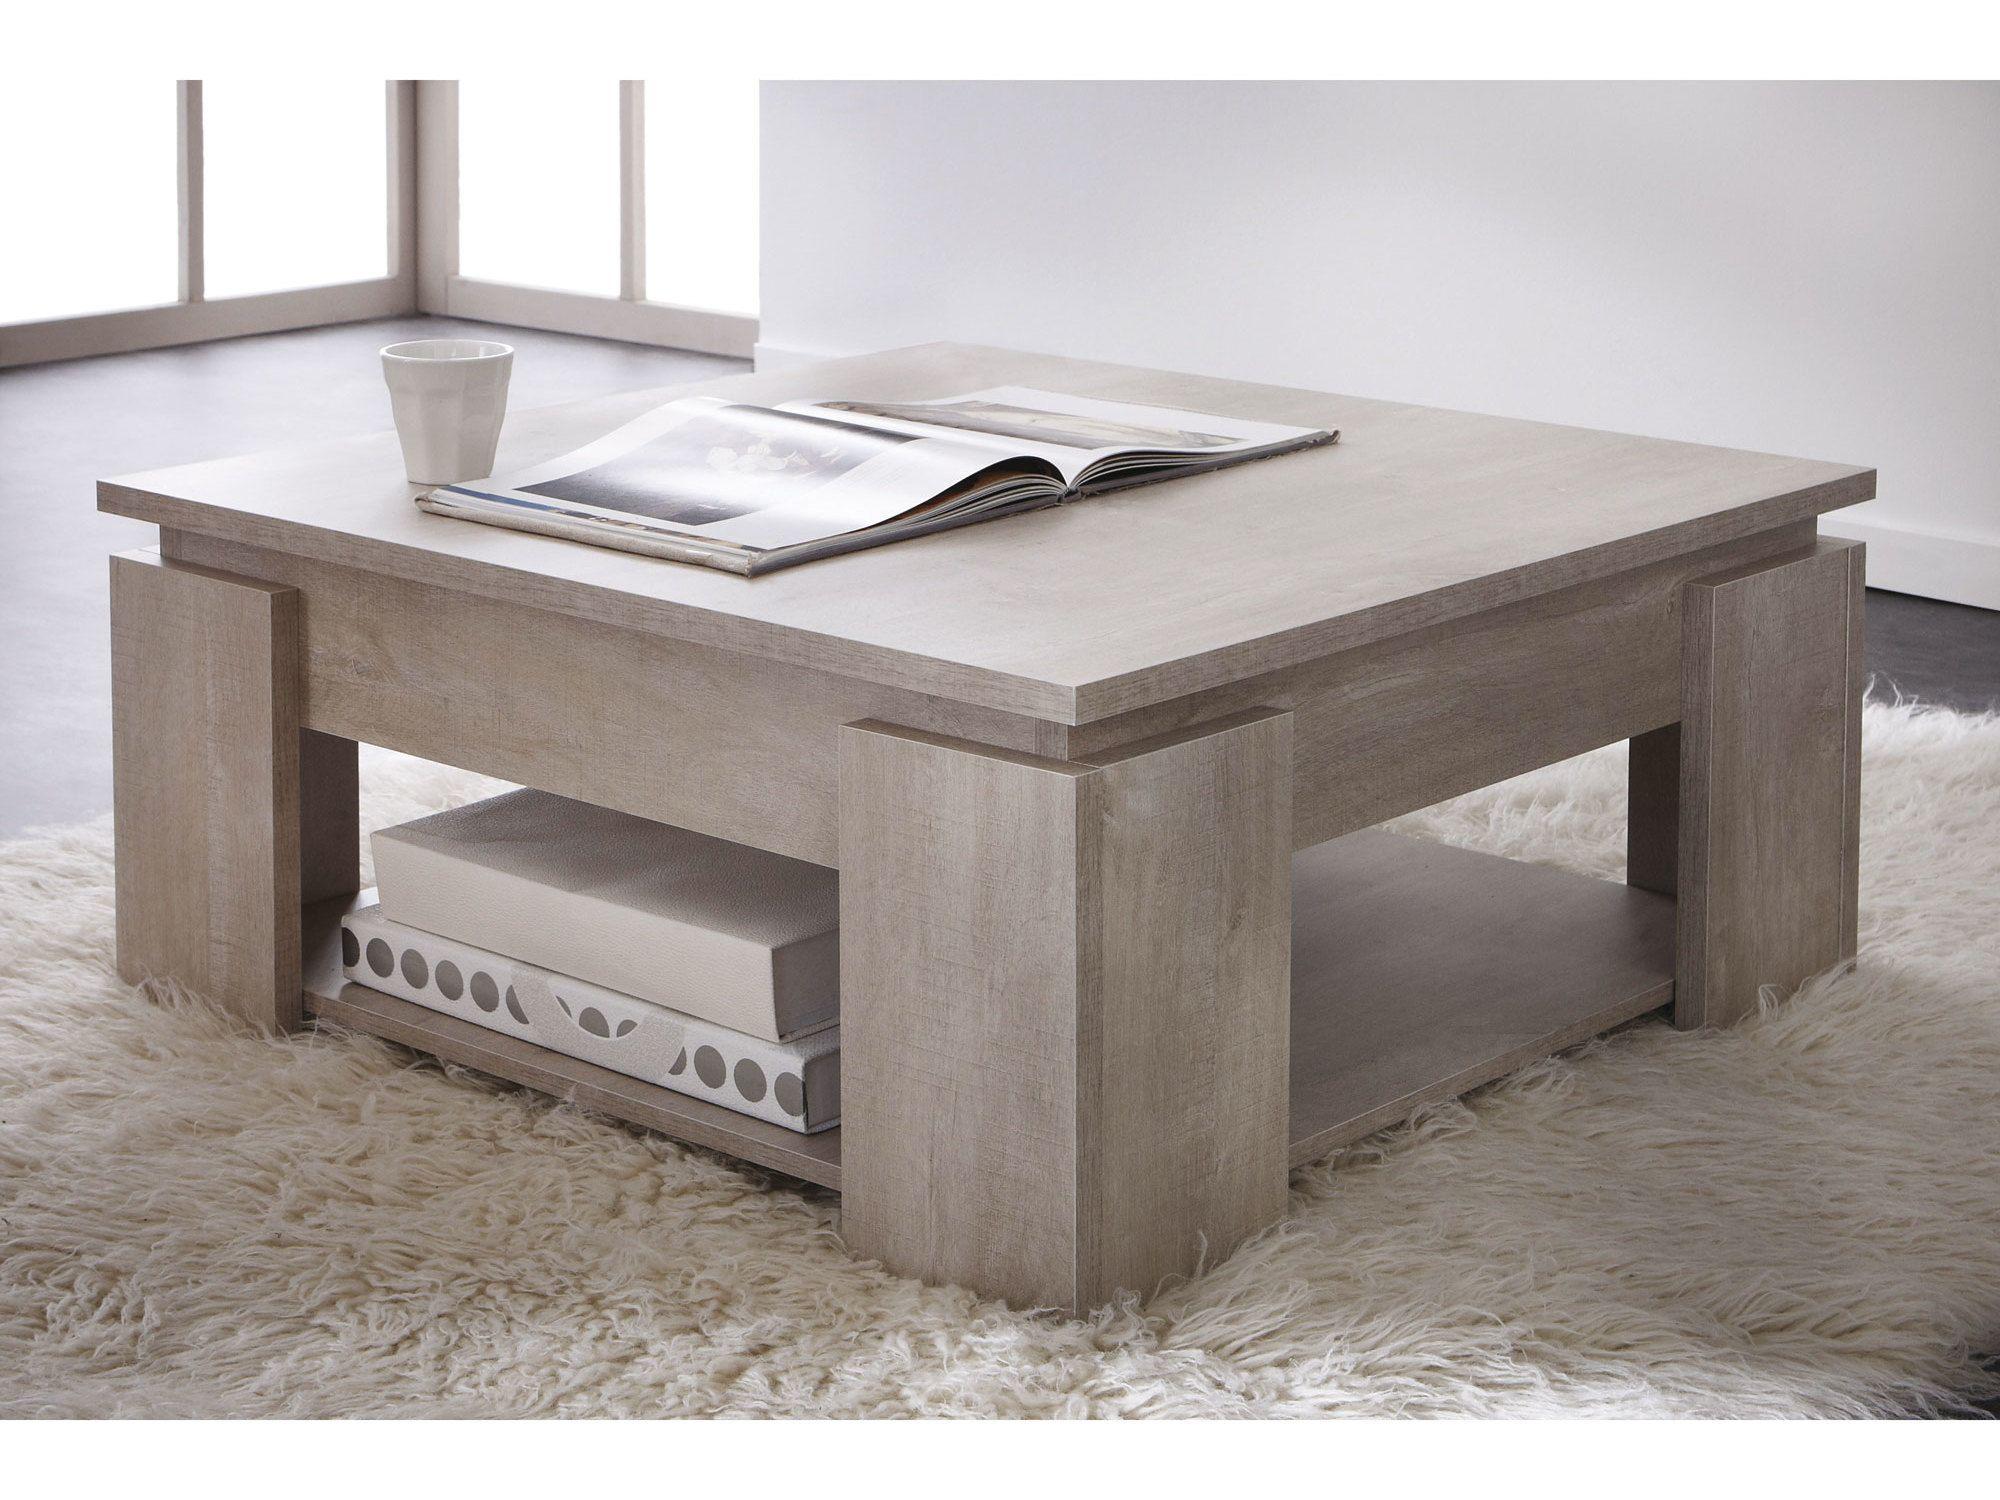 Table Basse Carr E En Bois Double Plateau Longueur 80 Cm Segur  # Kreabel Meuble Tv